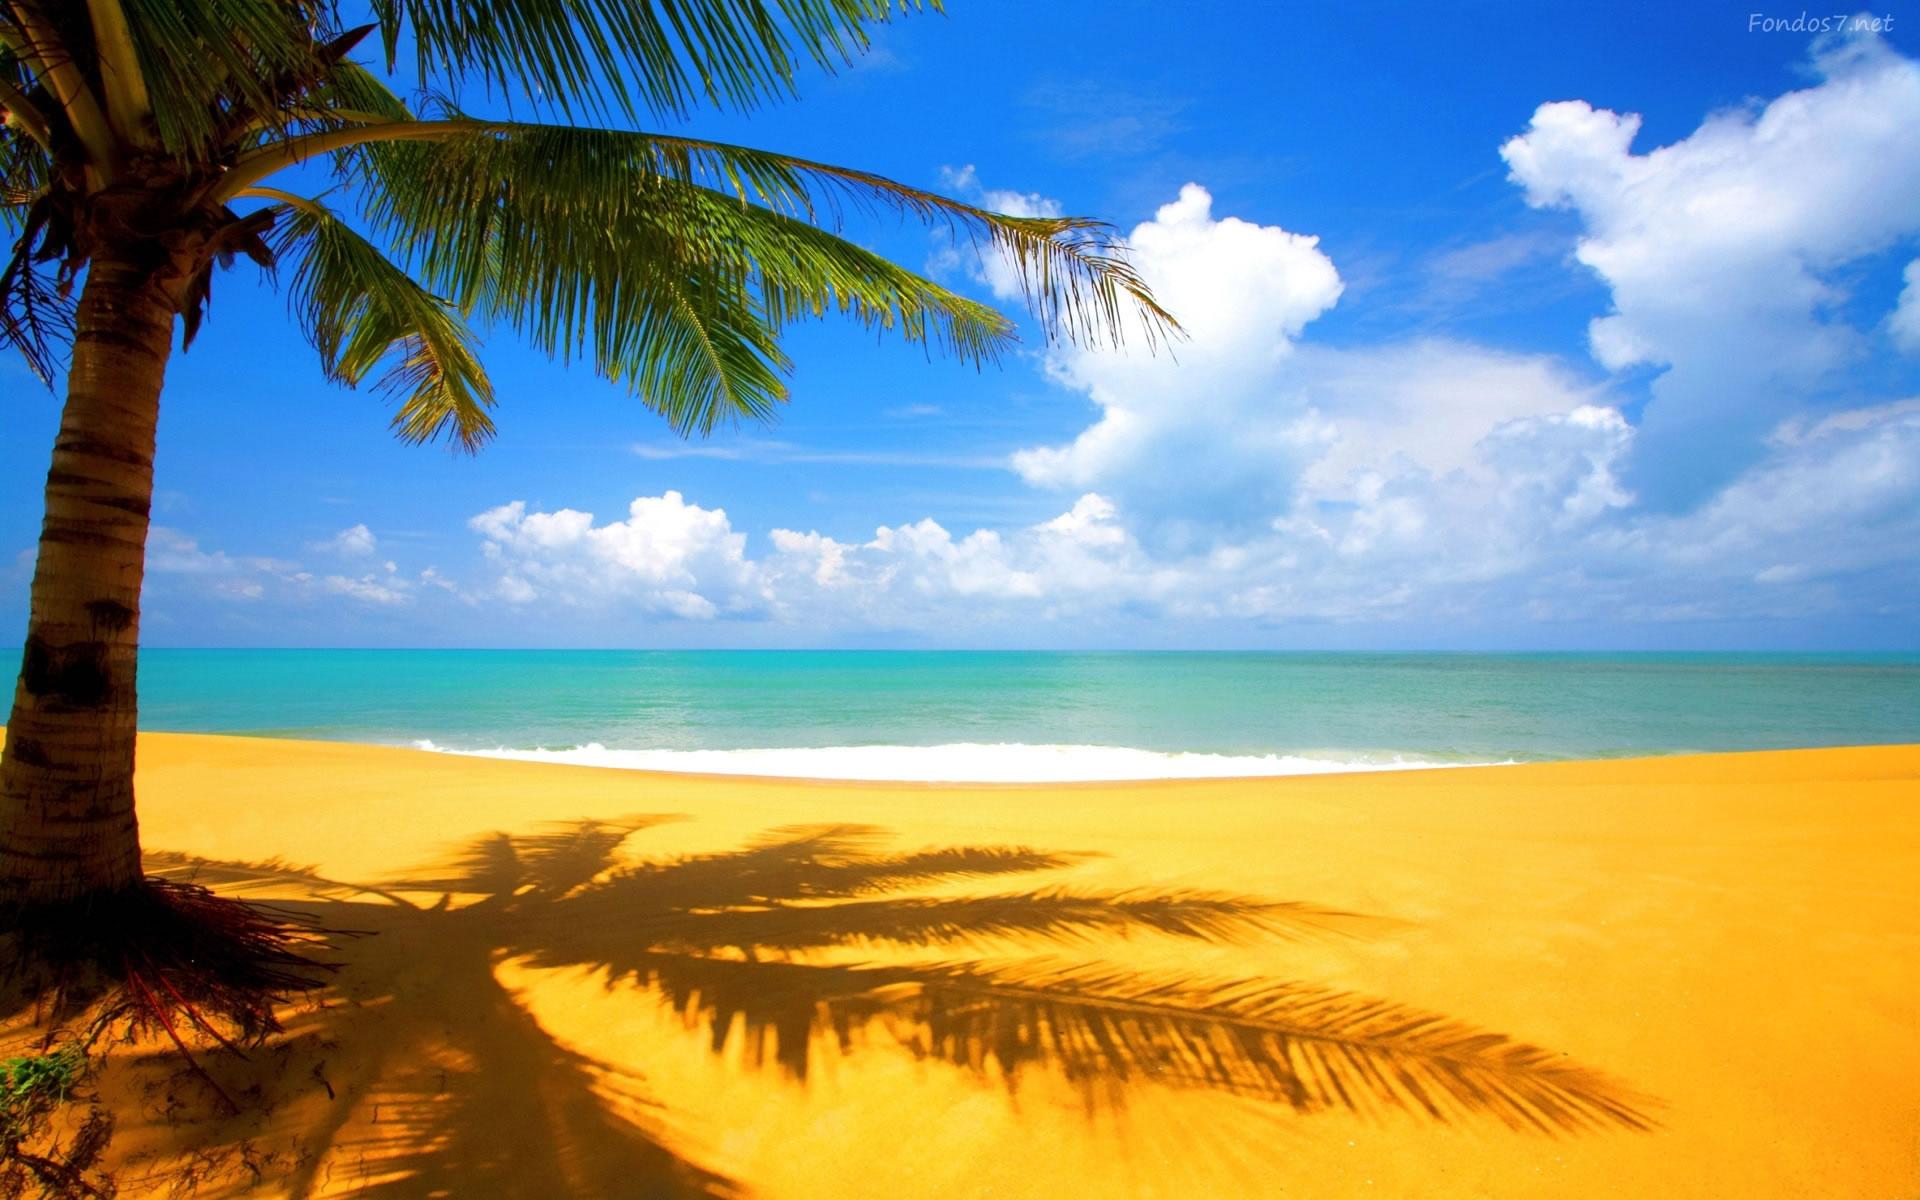 Playa para Escritorio